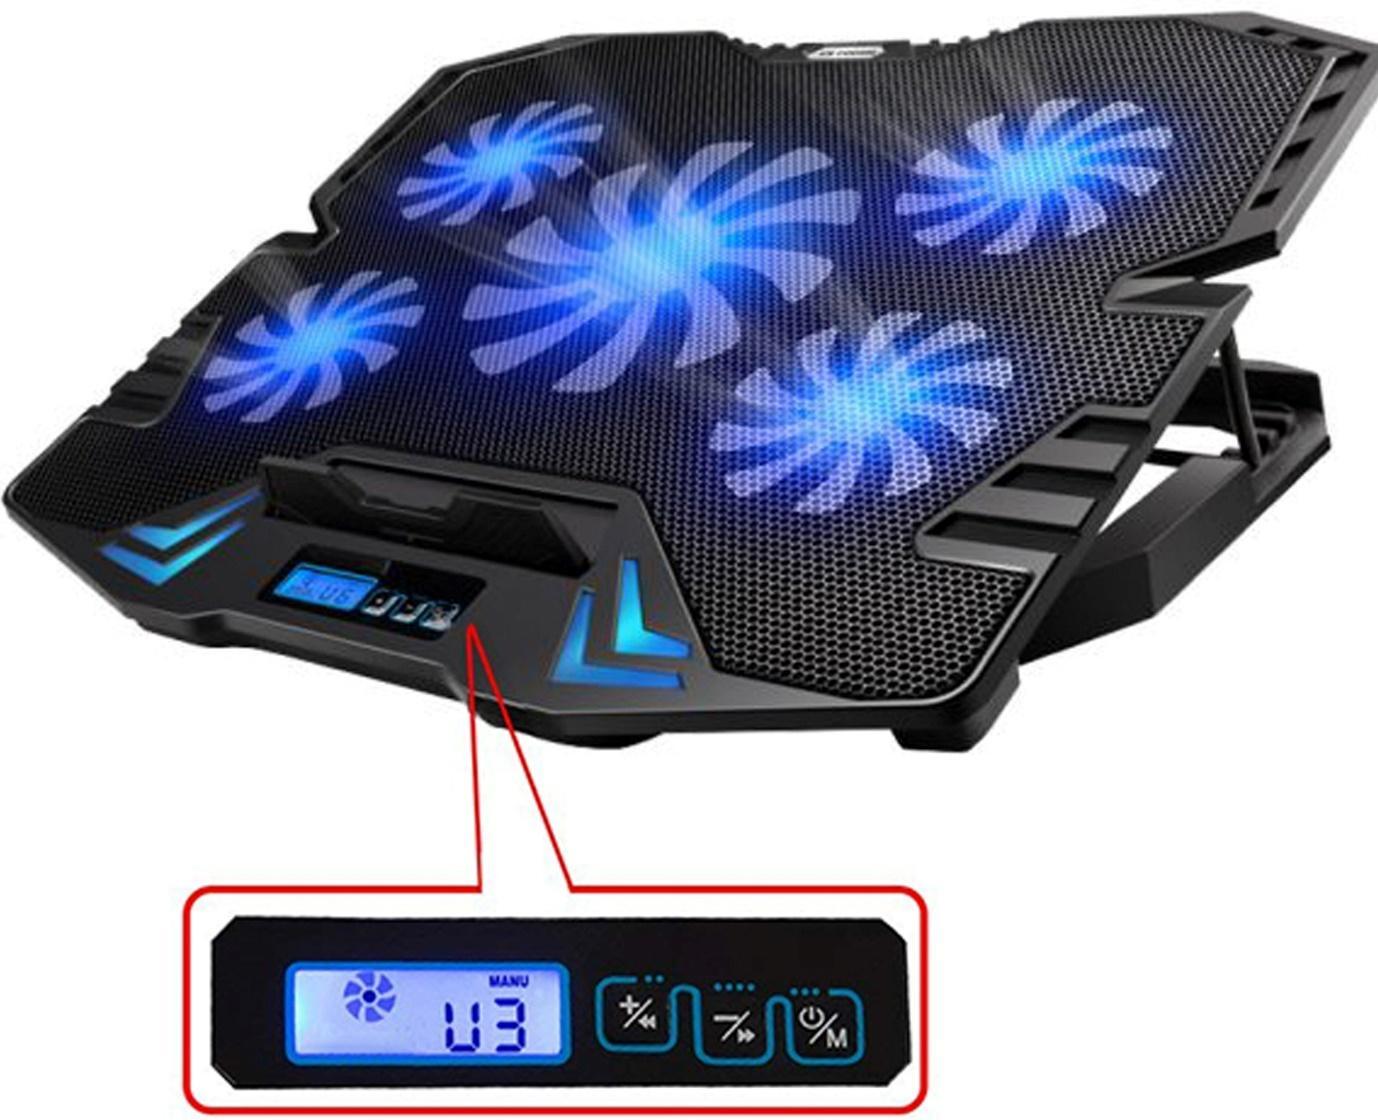 CPU high temperature reduction